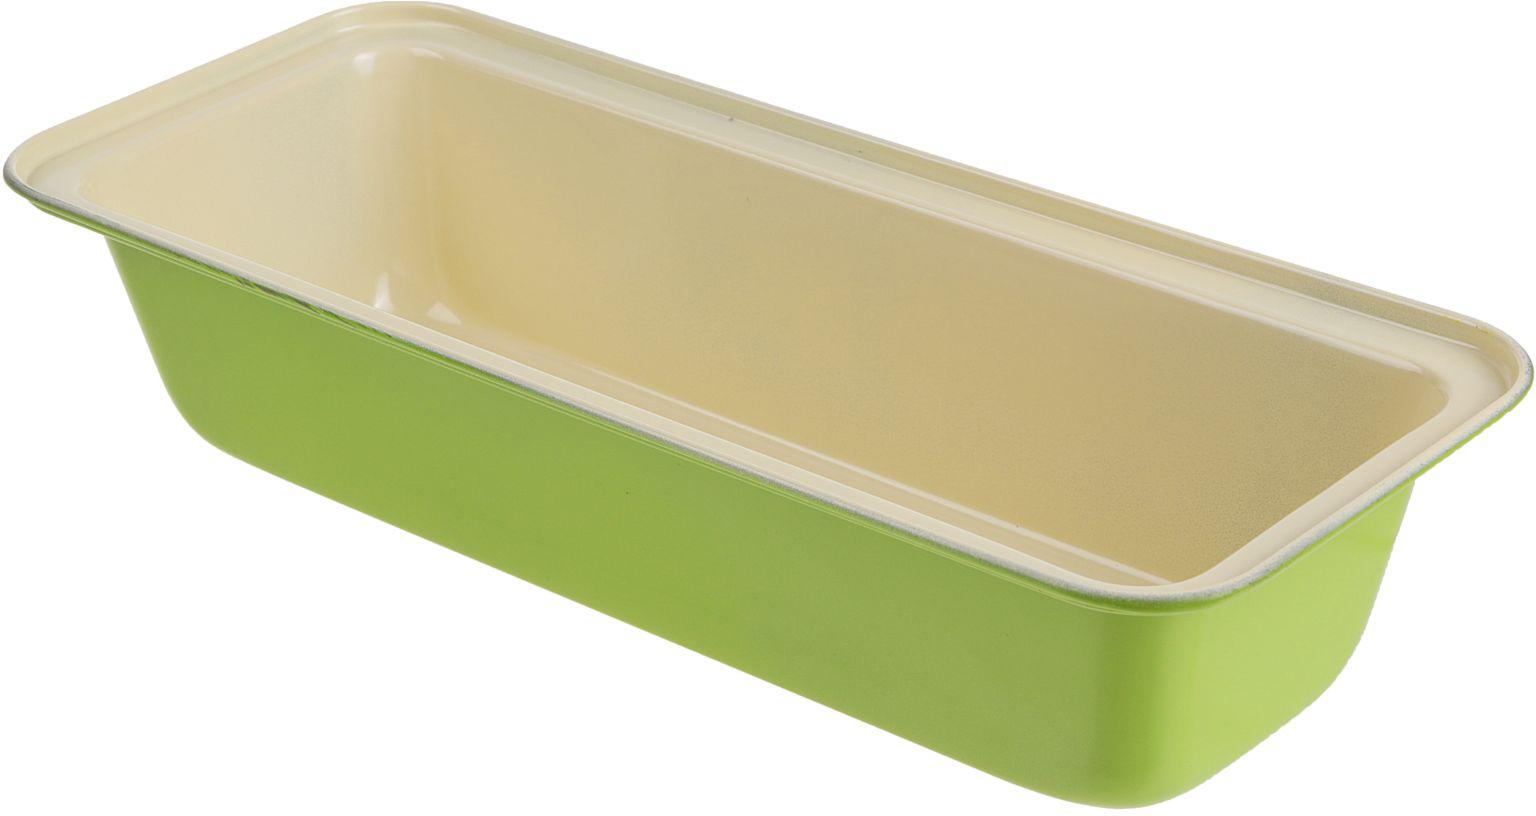 Форма для выпечки Доляна Хлеб. Флери, с керамическим покрытием, цвет: белый, зеленый, 32,5 х 16,5 х 7 см2395153_белый, зеленыйФорма для выпечки с керамическим покрытием — один из самых важных предметов на кухне хорошей хозяйки. С качественной посудой радовать домашних пирогами, кексами, запеканками и прочей вкуснятиной вы сможете хоть каждый день! Достоинства изделия: равномерно распределяет тепло по всей внутренней поверхности; предотвращает пригорание пищи; способствует ее быстрому приготовлению; форма в виде сердца прекрасно подходит для приготовления блюд для романтического вечера или праздничного стола. Кроме того, предмет не впитывает запахов и позволяет легко вынимать готовый продукт. Прочный корпус защищает изделие от внешней деформации. Рекомендуется избегать перепадов температуры: ставьте форму только в холодную или теплую духовку. Не допускайте падений и не используйте высокоабразивные моющие средства (это защитит глазурь от сколов и царапин).